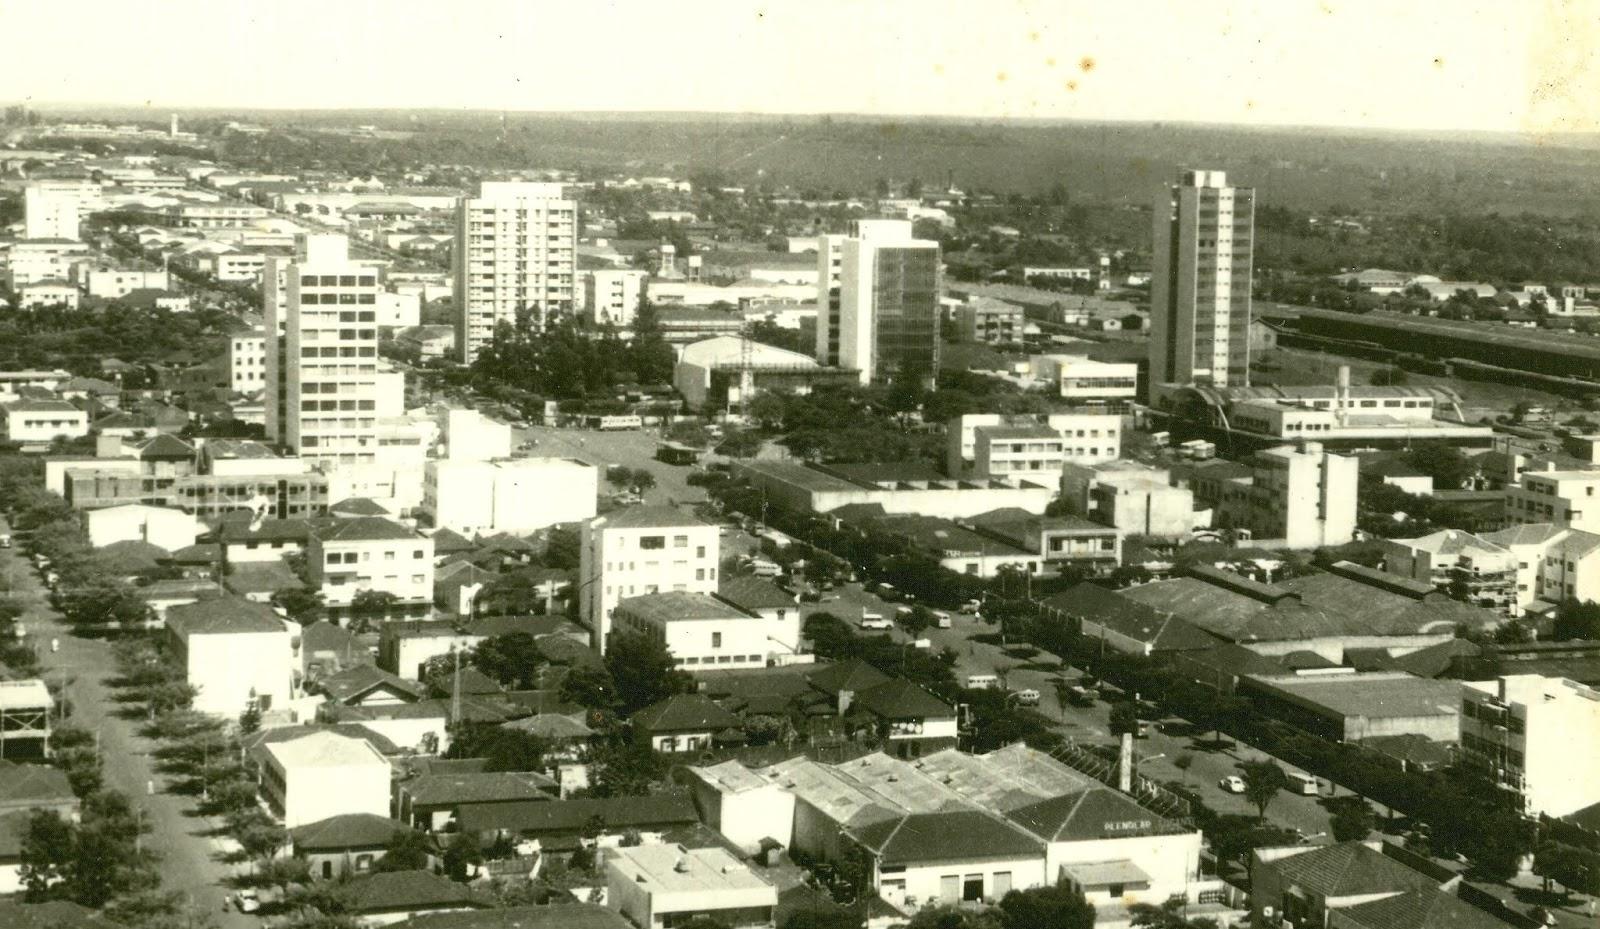 Vista aérea do Centro - Década de 1960